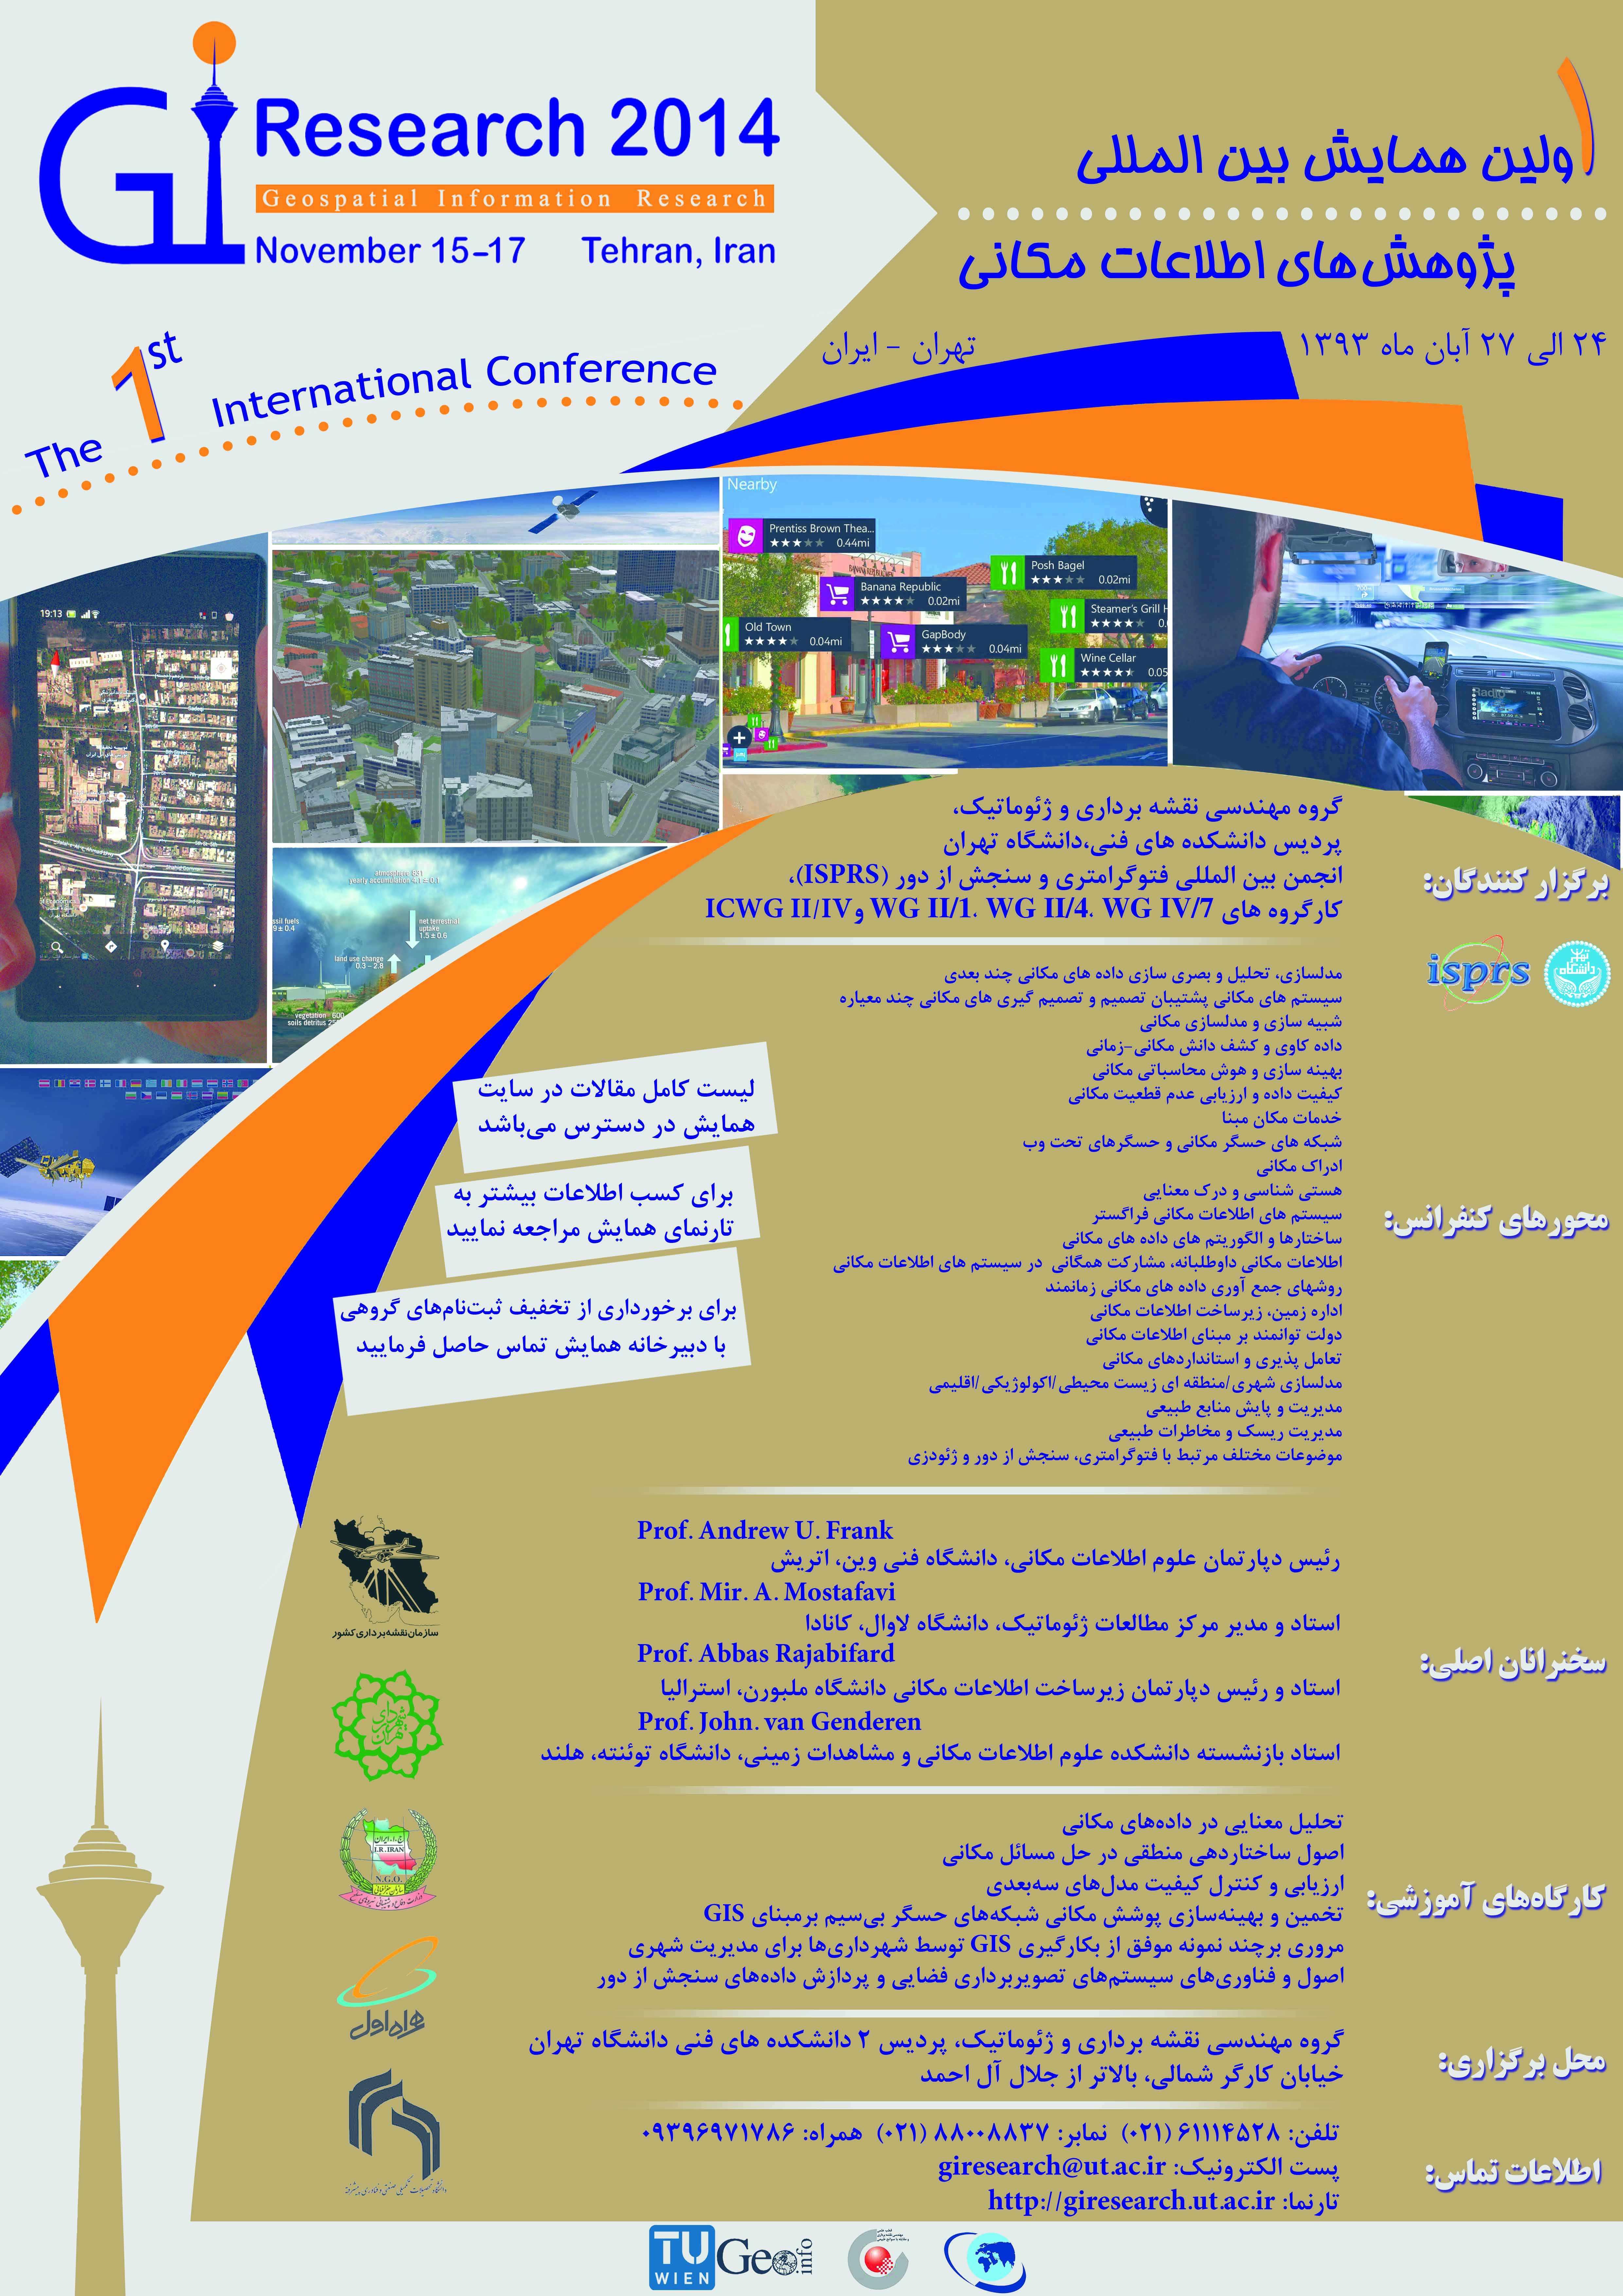 نخستین همایش بینالمللی پژوهش های اطلاعات مکانی